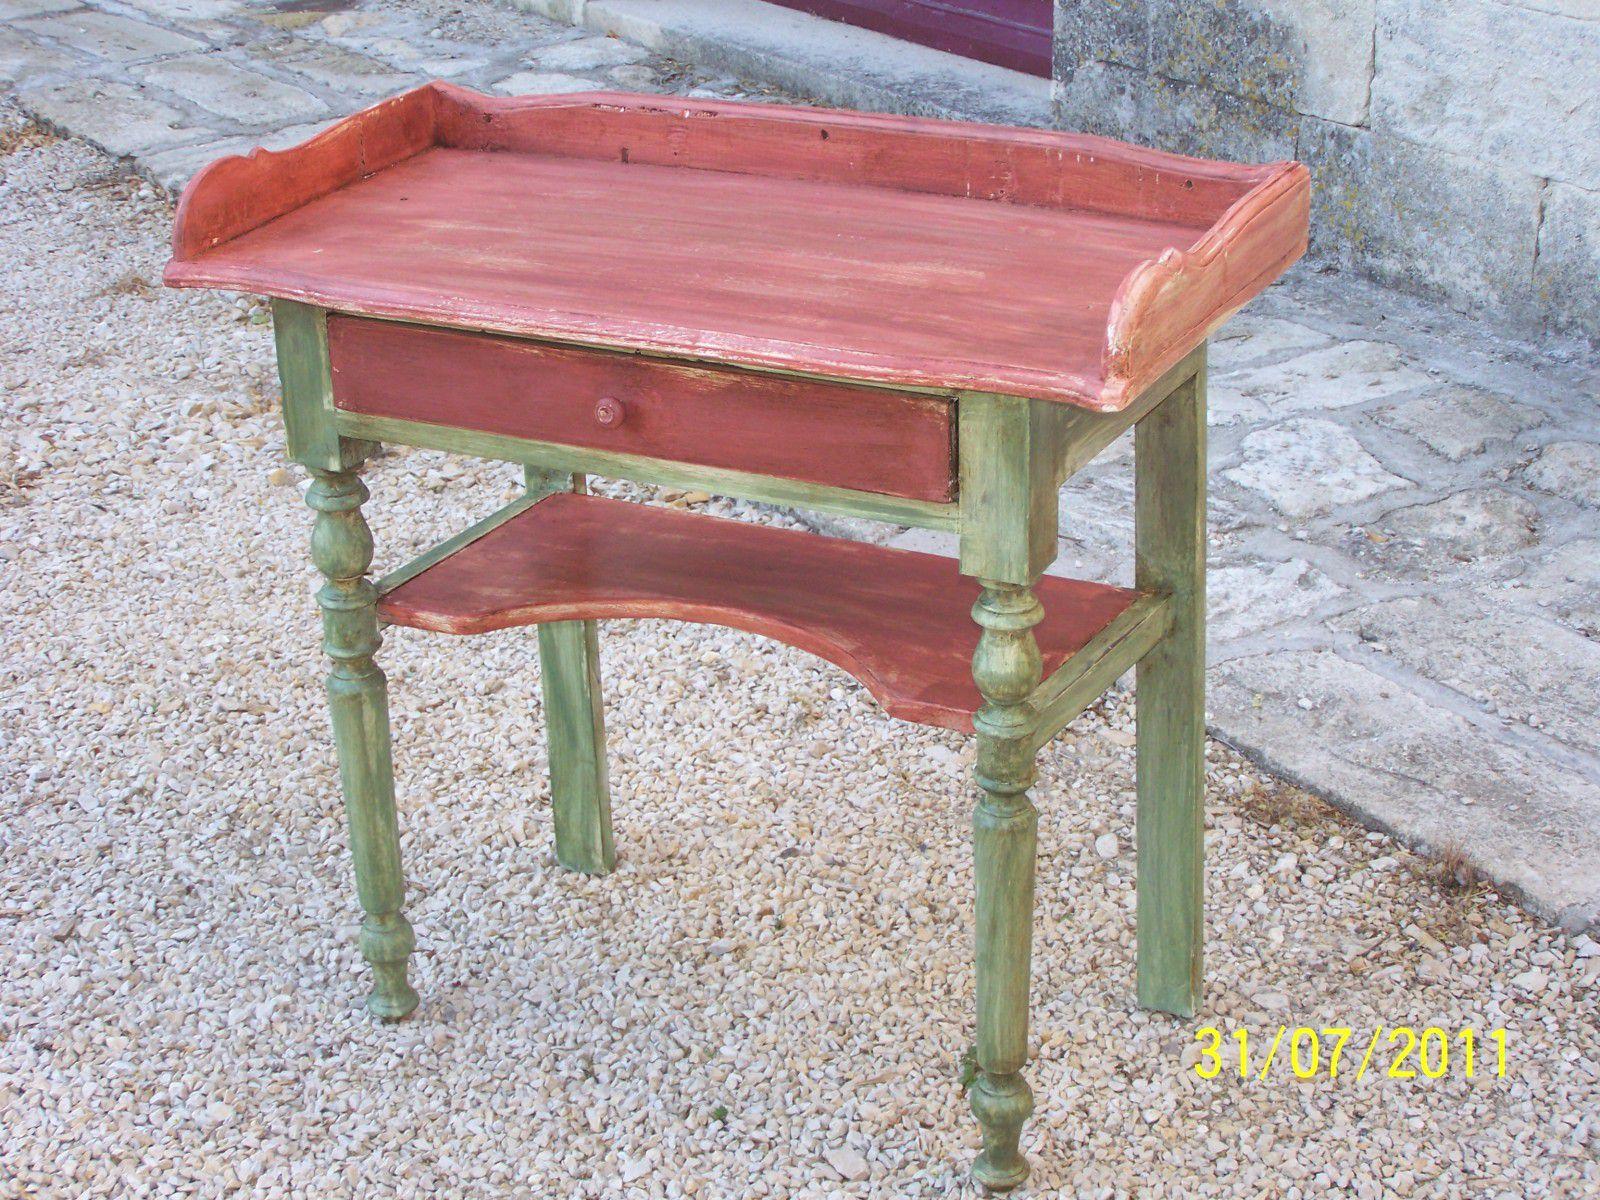 Album meubles peints l 39 ecorce du temps for Technique peinture meuble